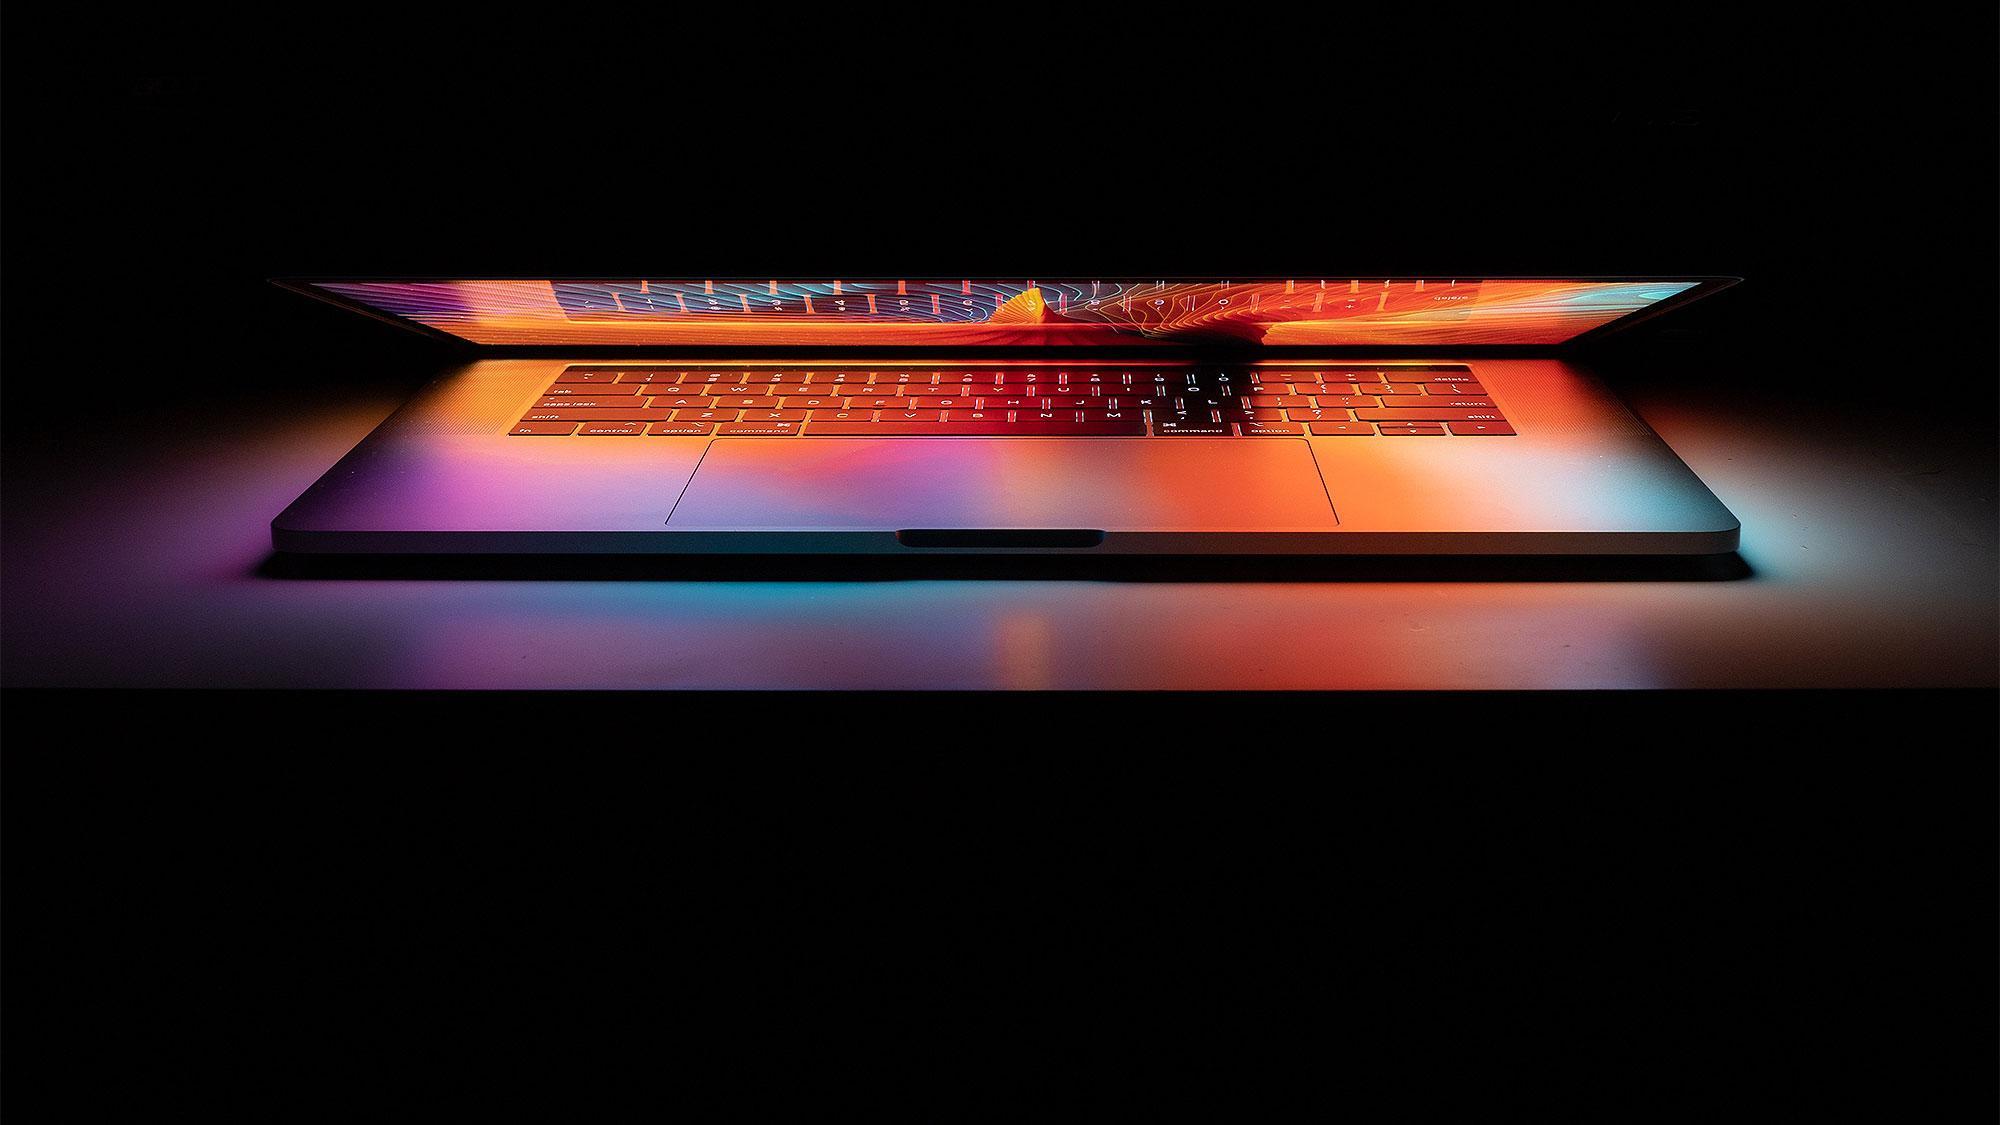 Эпохе MacBook конец? Главная проблема компьютеров Apple без Intel и нужно ли их покупать?